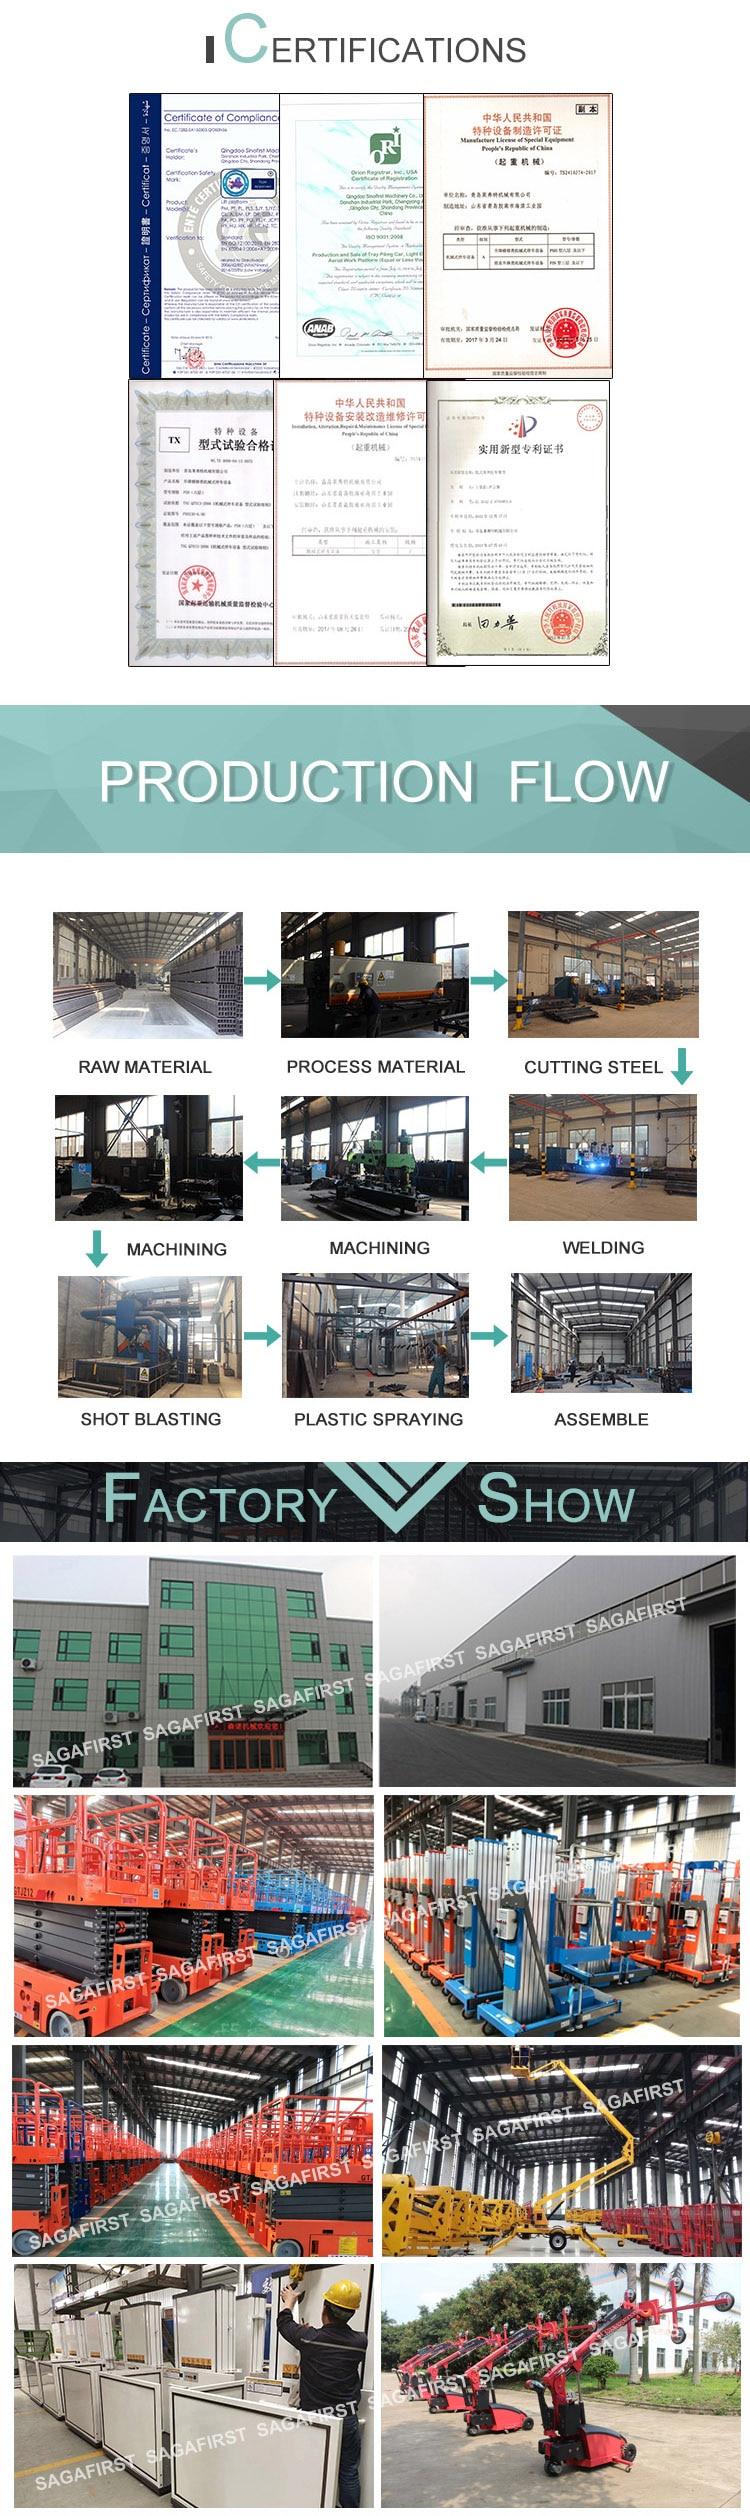 证书+生产流程+工厂(1)